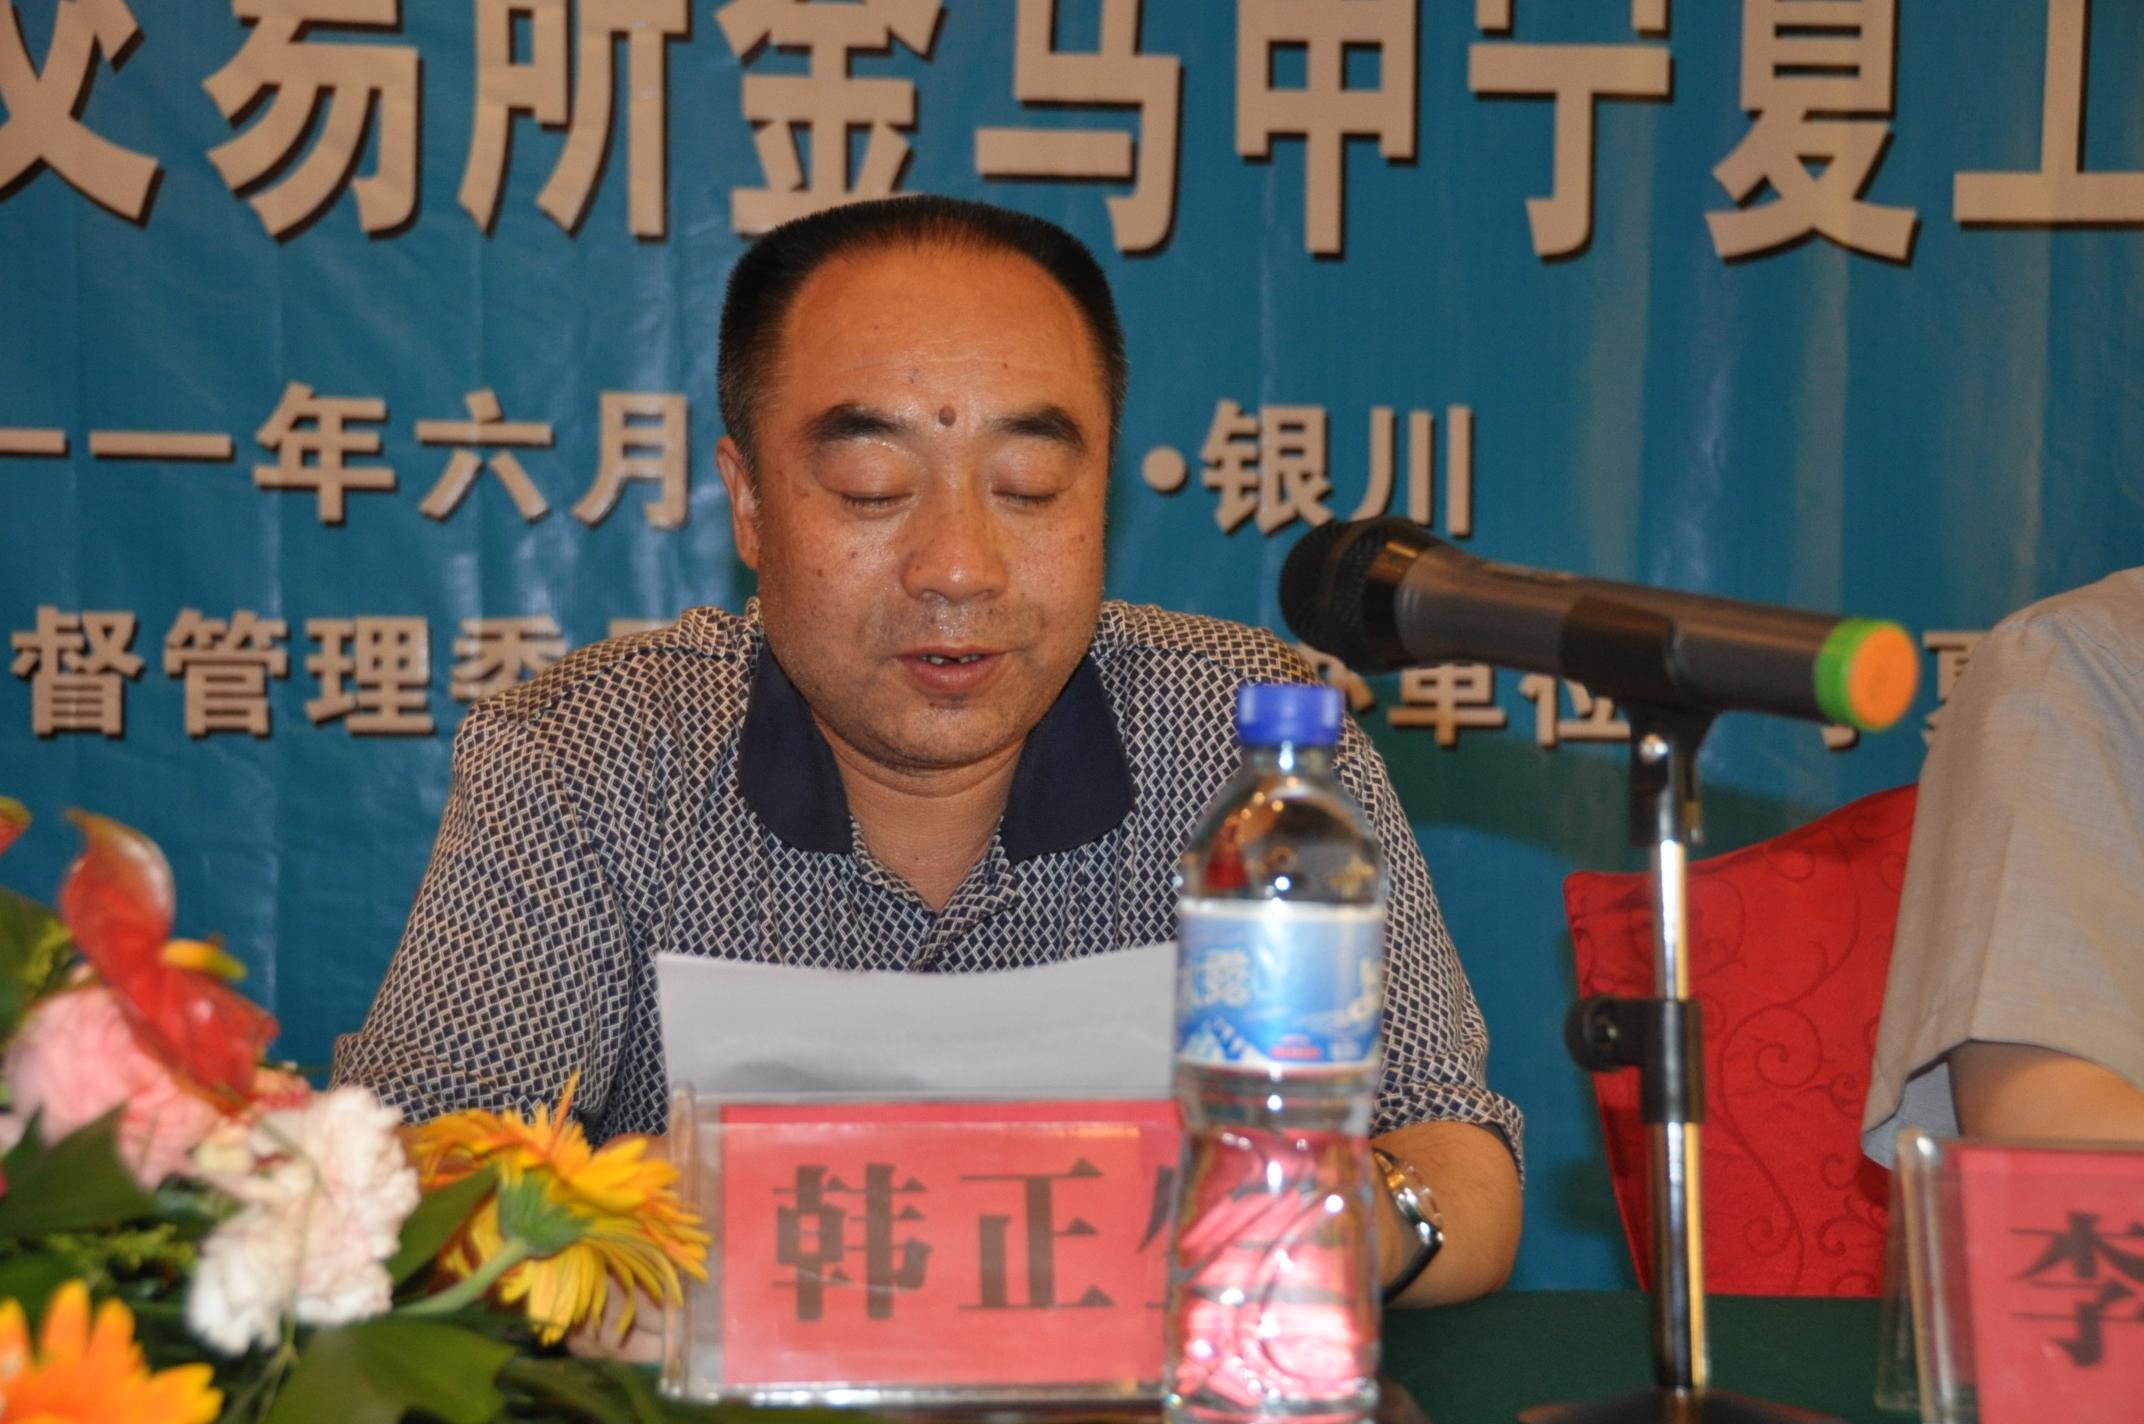 宁夏国资委副主任韩正生讲话话